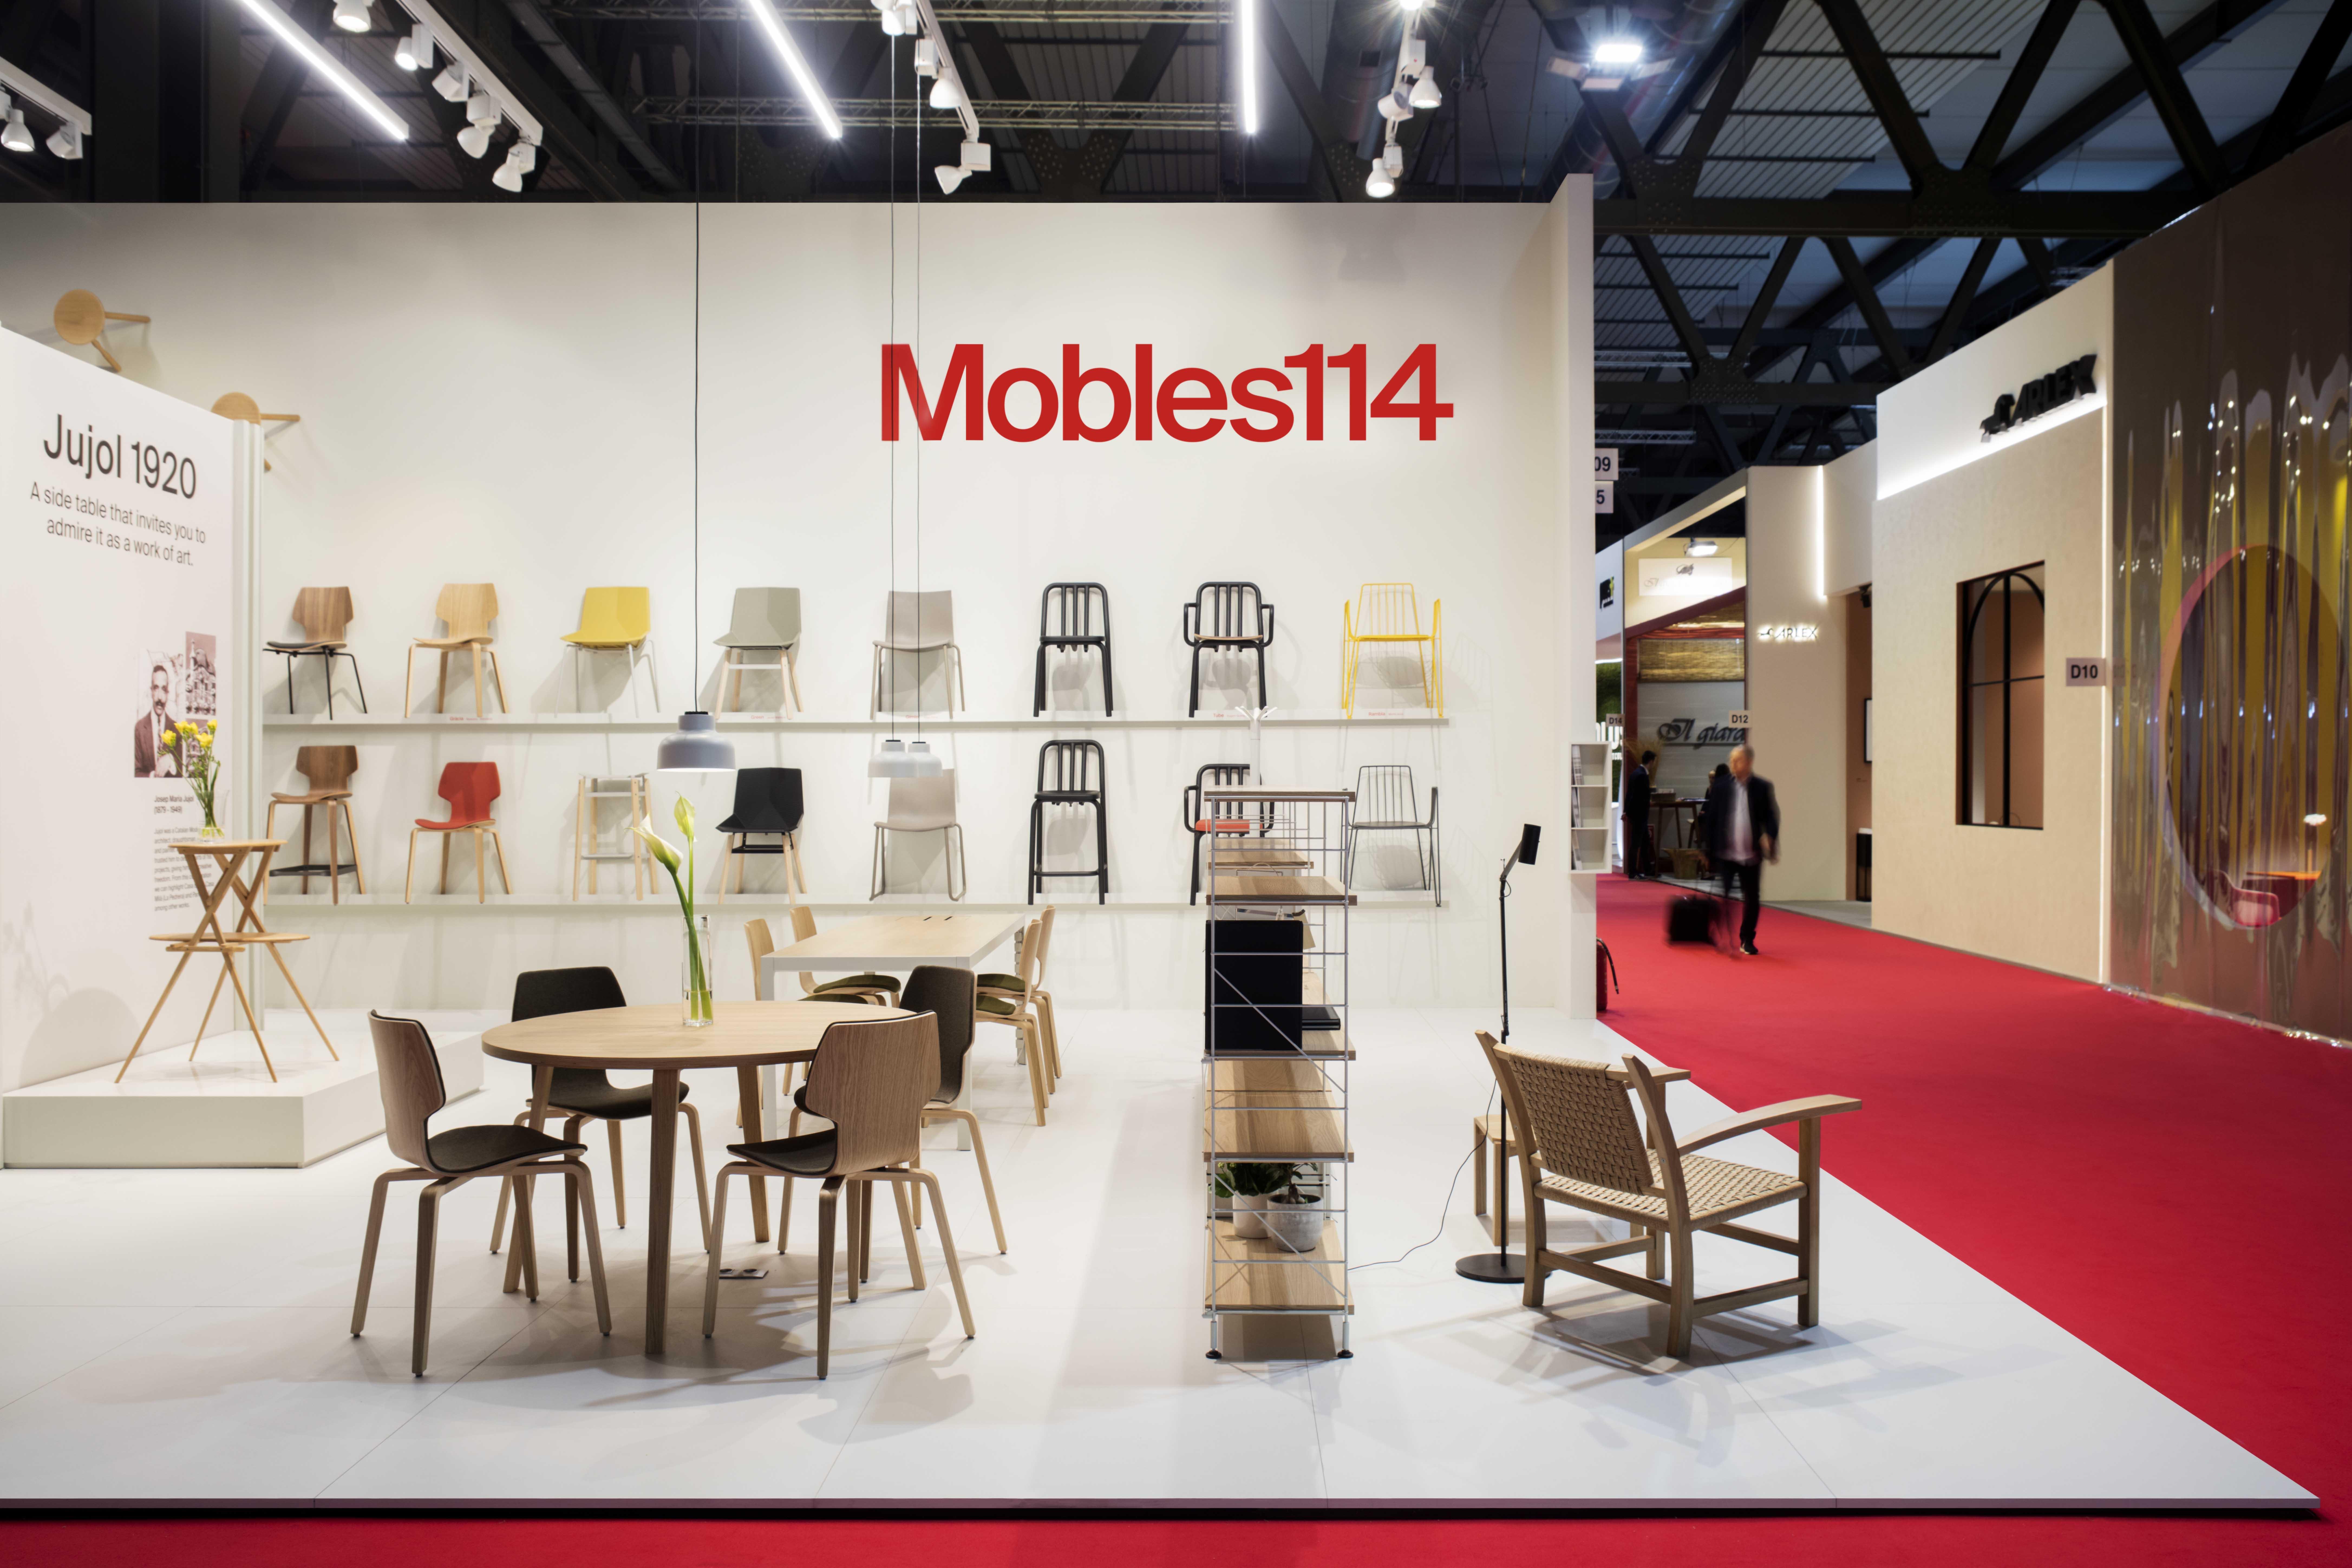 mobles 114 - Stand Salone del Mobile Milano 2019